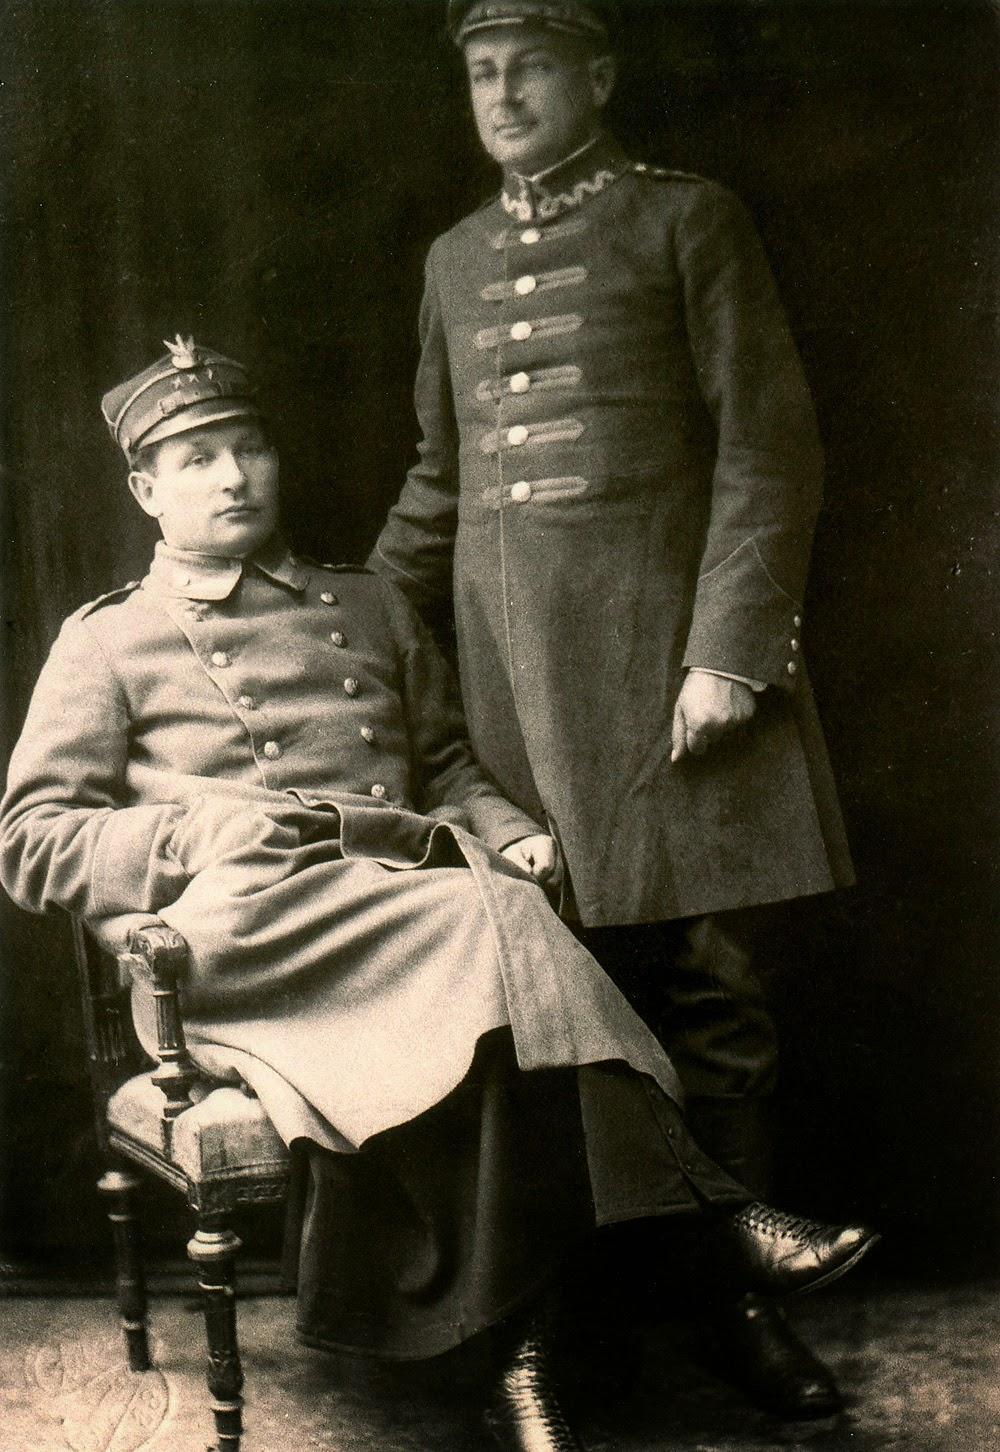 Autor tego wspomnienia [ks. Józef Barański] posiada zdjęcie Ks. Sykulskiego w mundurze wojskowym z okresu gdy był kapelanem (ochotniczym) w czasie wojny polsko - bolszewickiej w r. 1920. Kopia w zbiorach Marcina Brzezińskiego.